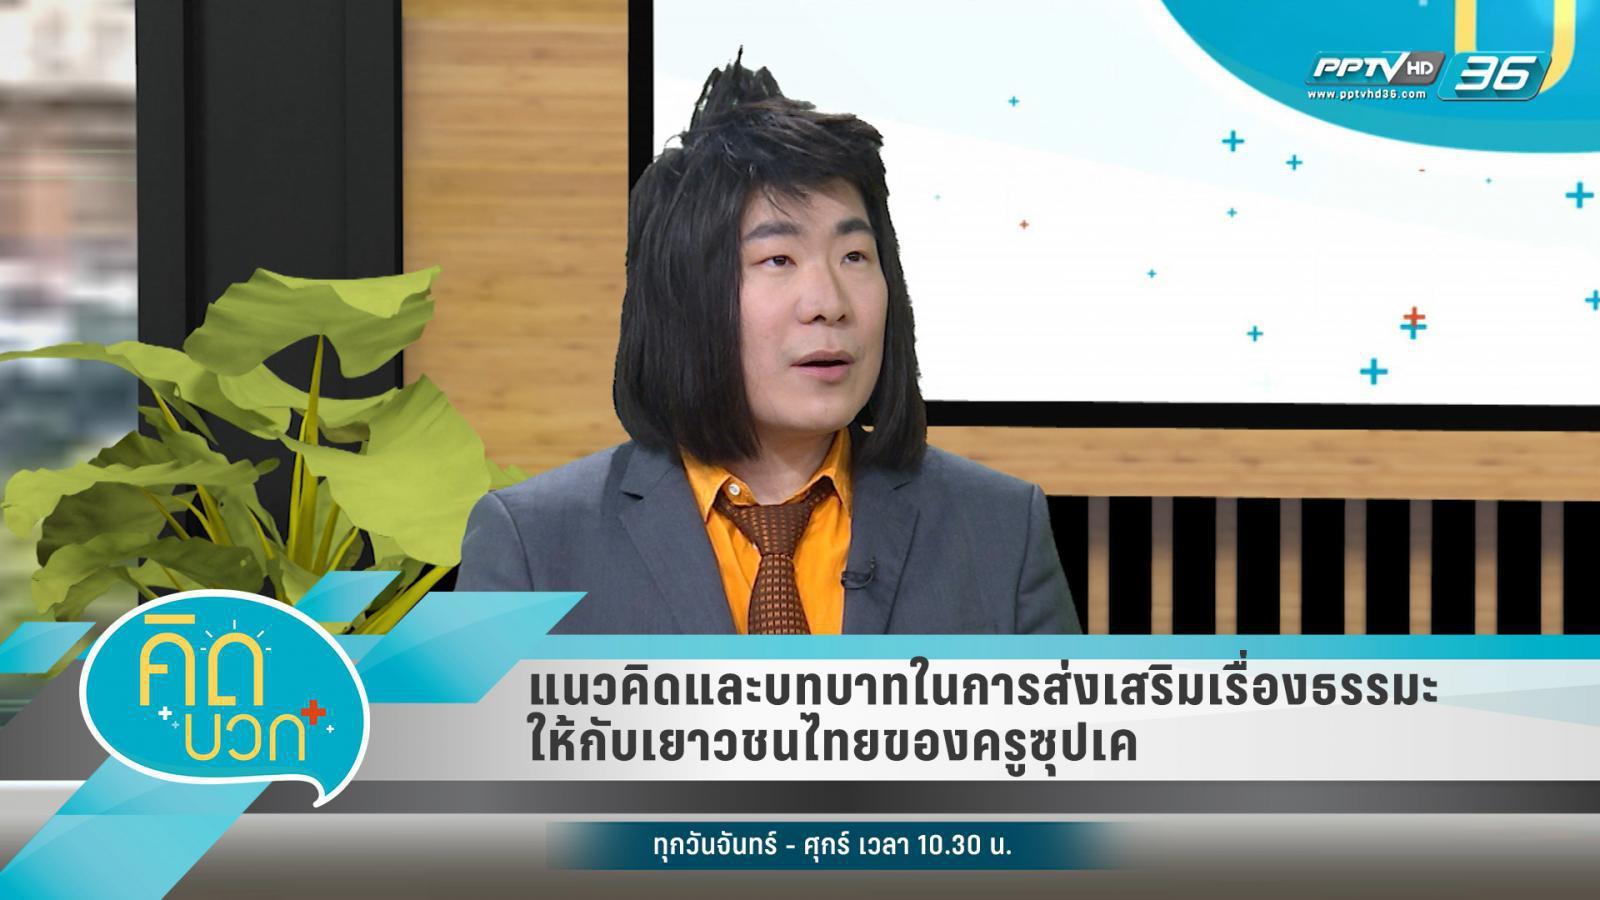 แนวคิดและบทบาทในการส่งเสริมเรื่องธรรมะให้กับเยาวชนไทยของครูซุปเค